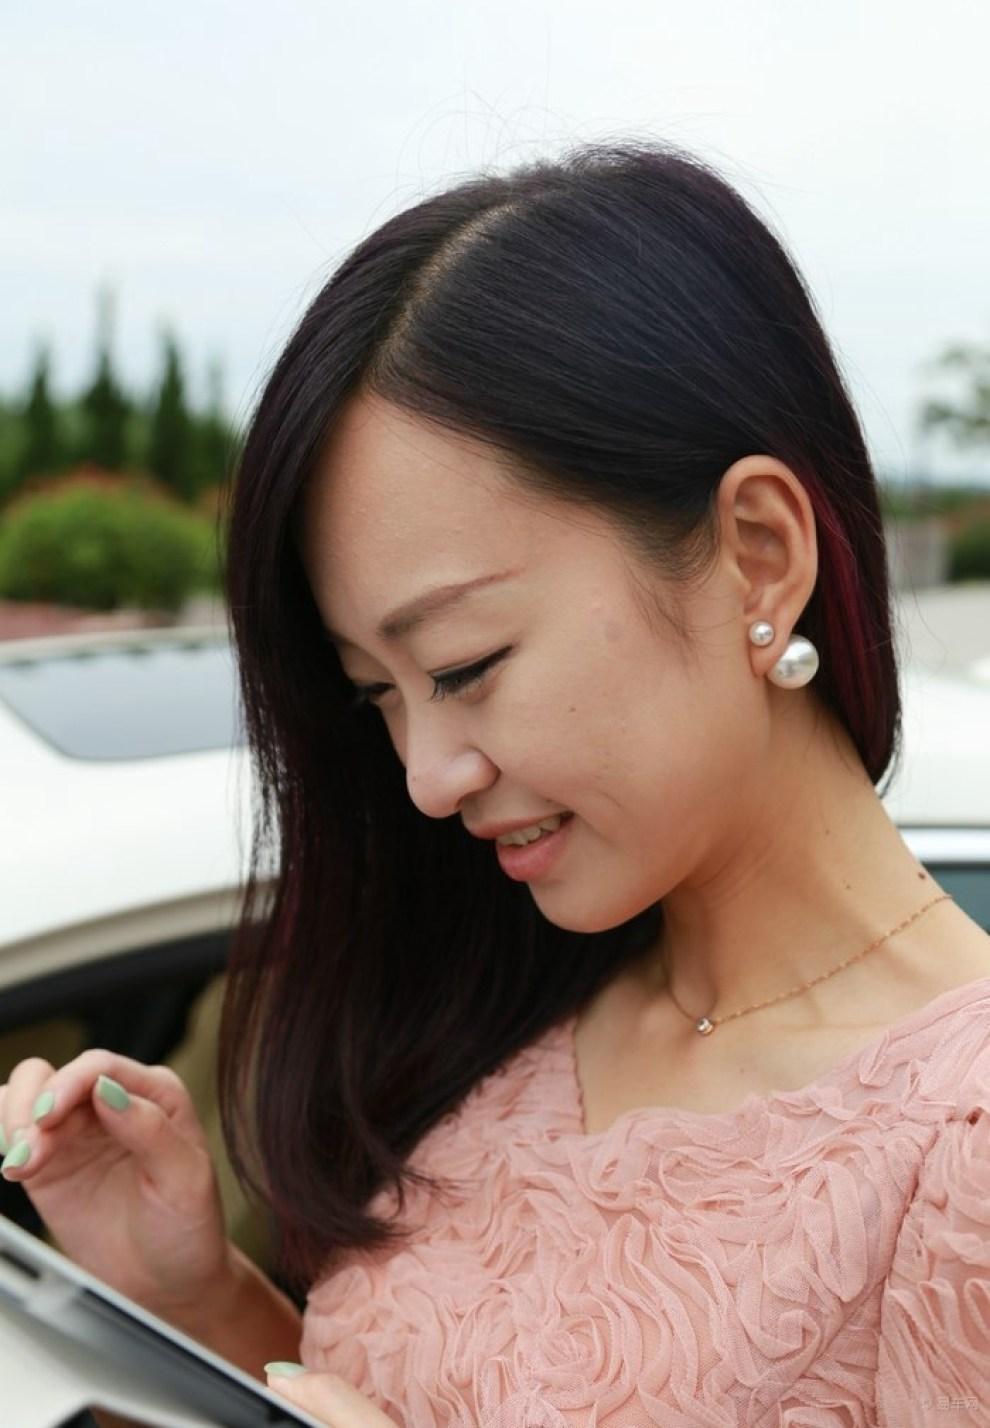 媳妇_【媳妇当车模】---凯迪拉克ats作业!求精华!